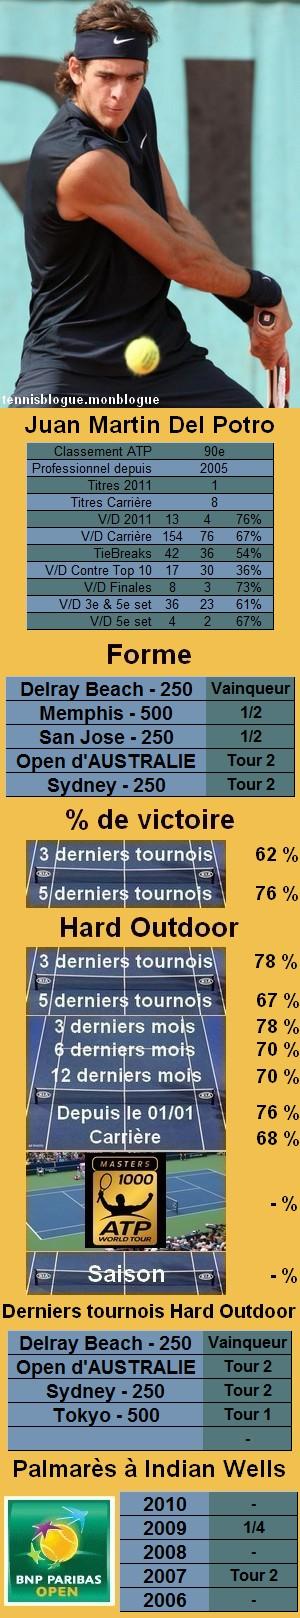 Statistiques tennis Juan Martin Del Potro